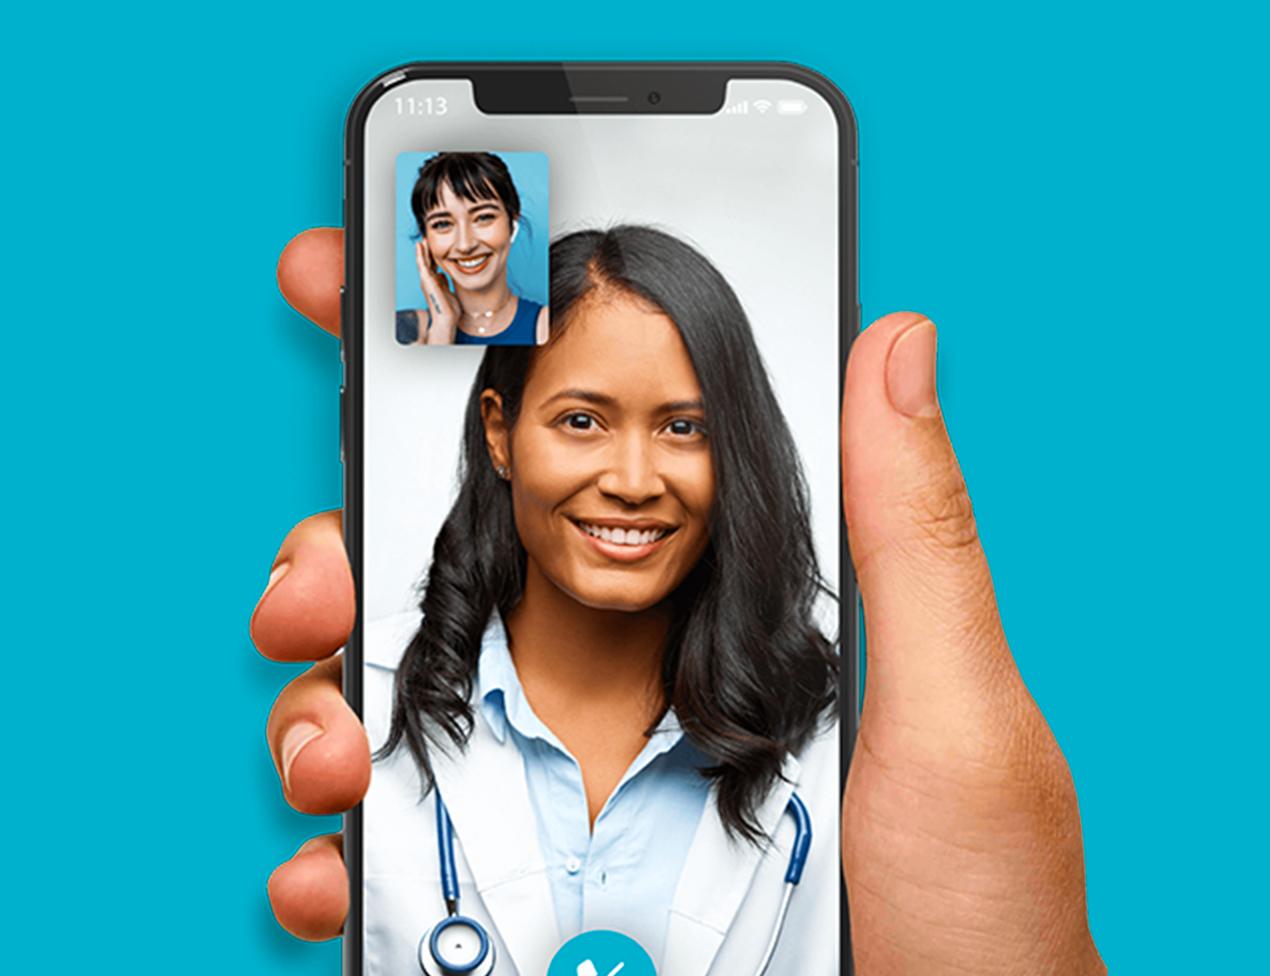 Healthcare & Life Sciences